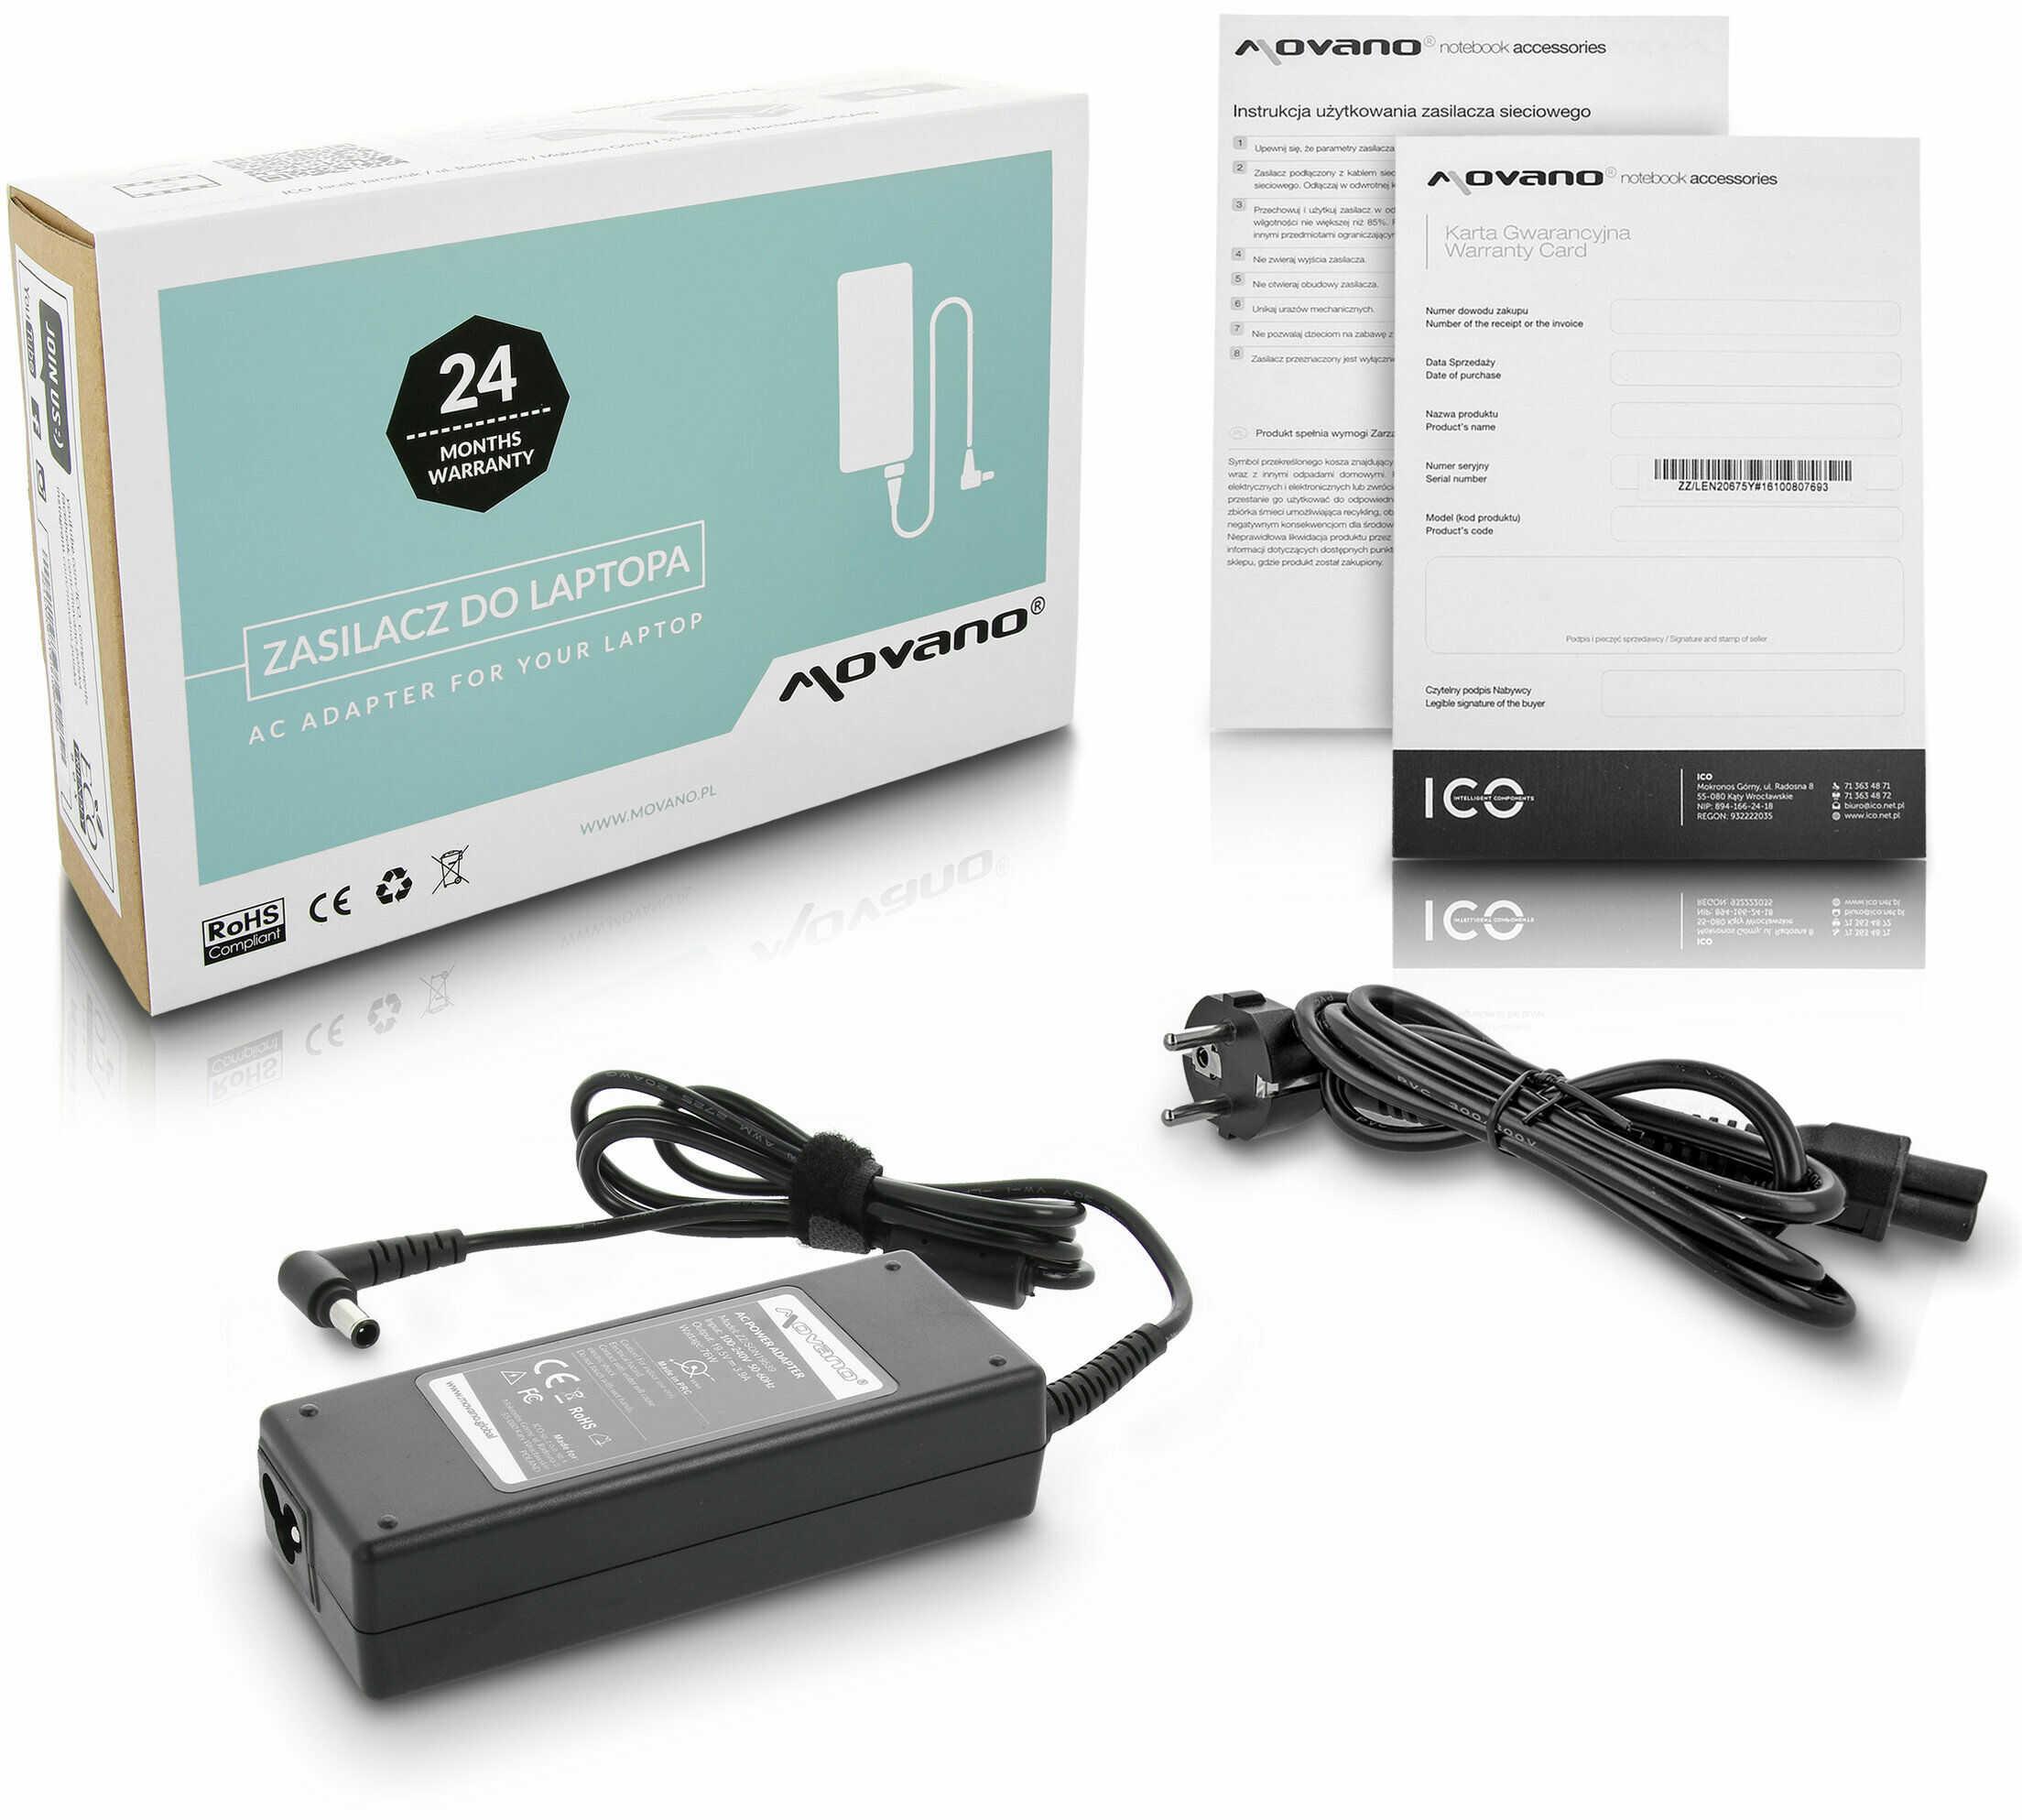 Zasilacz ładowarka do Sony Vaio VGN-FZ470 VGN-FZ380 VGN-FZ340